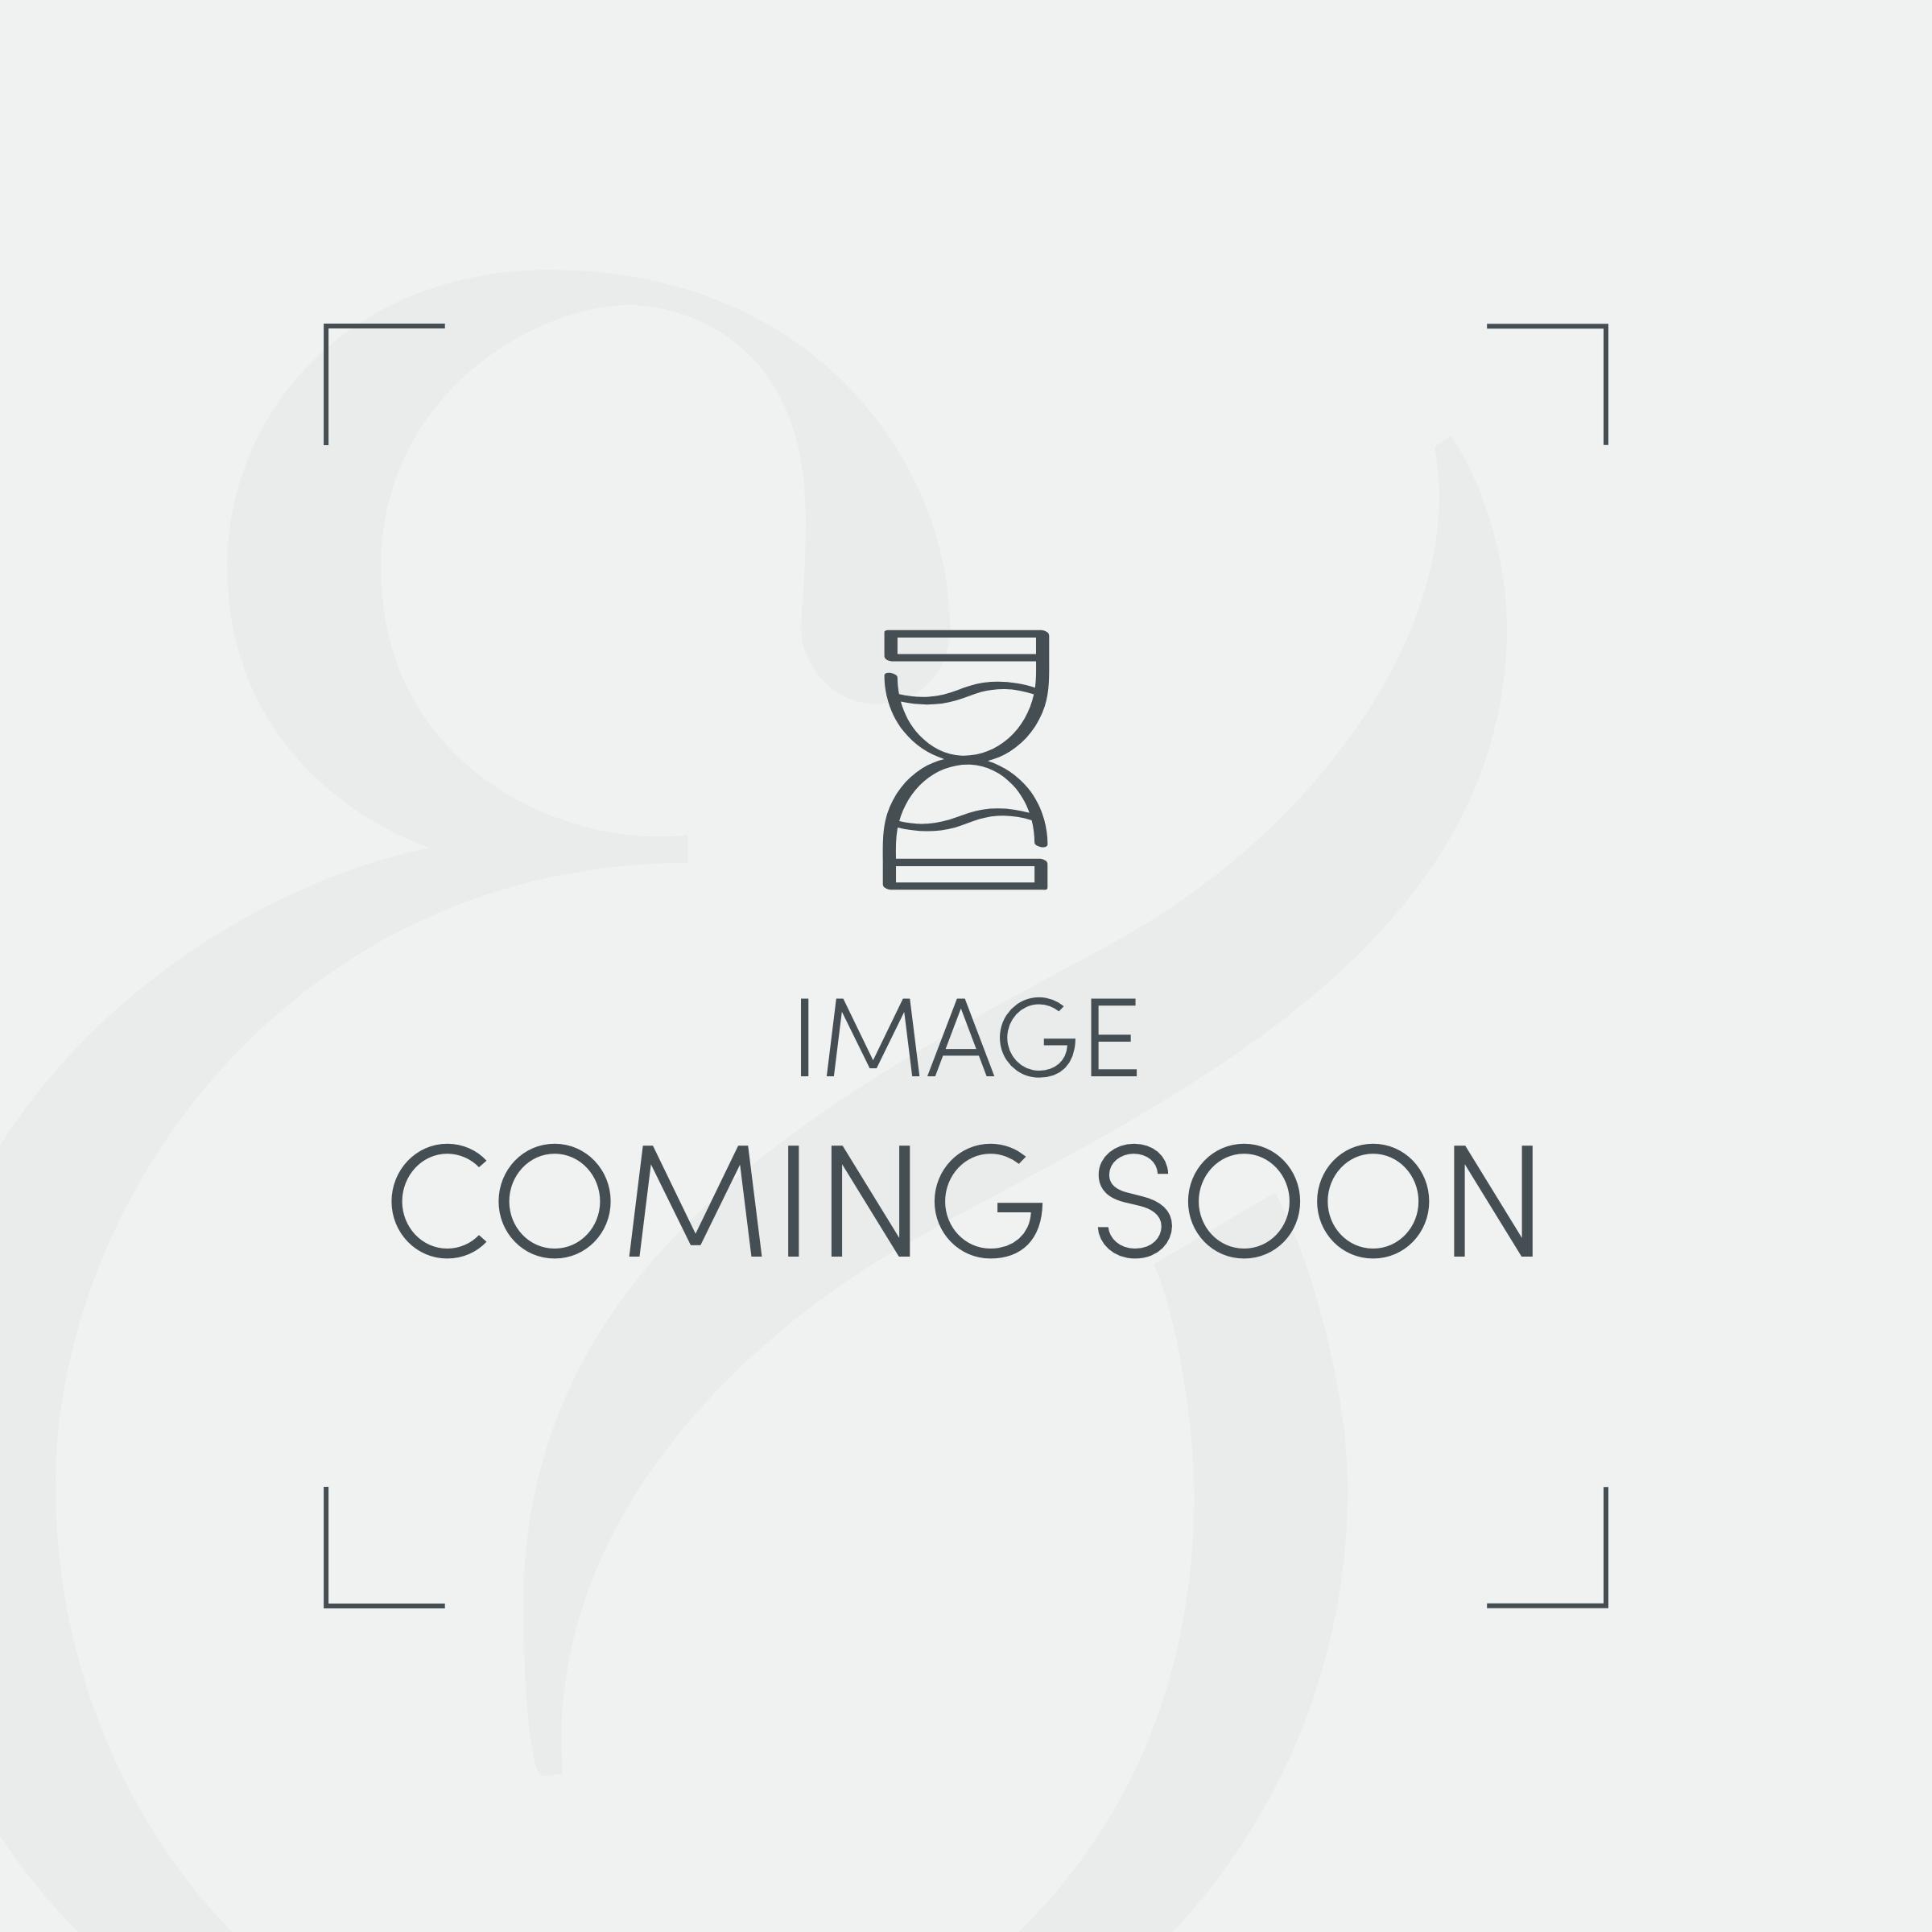 750GSM Supima Cotton Towels *DEAL COLOURS*